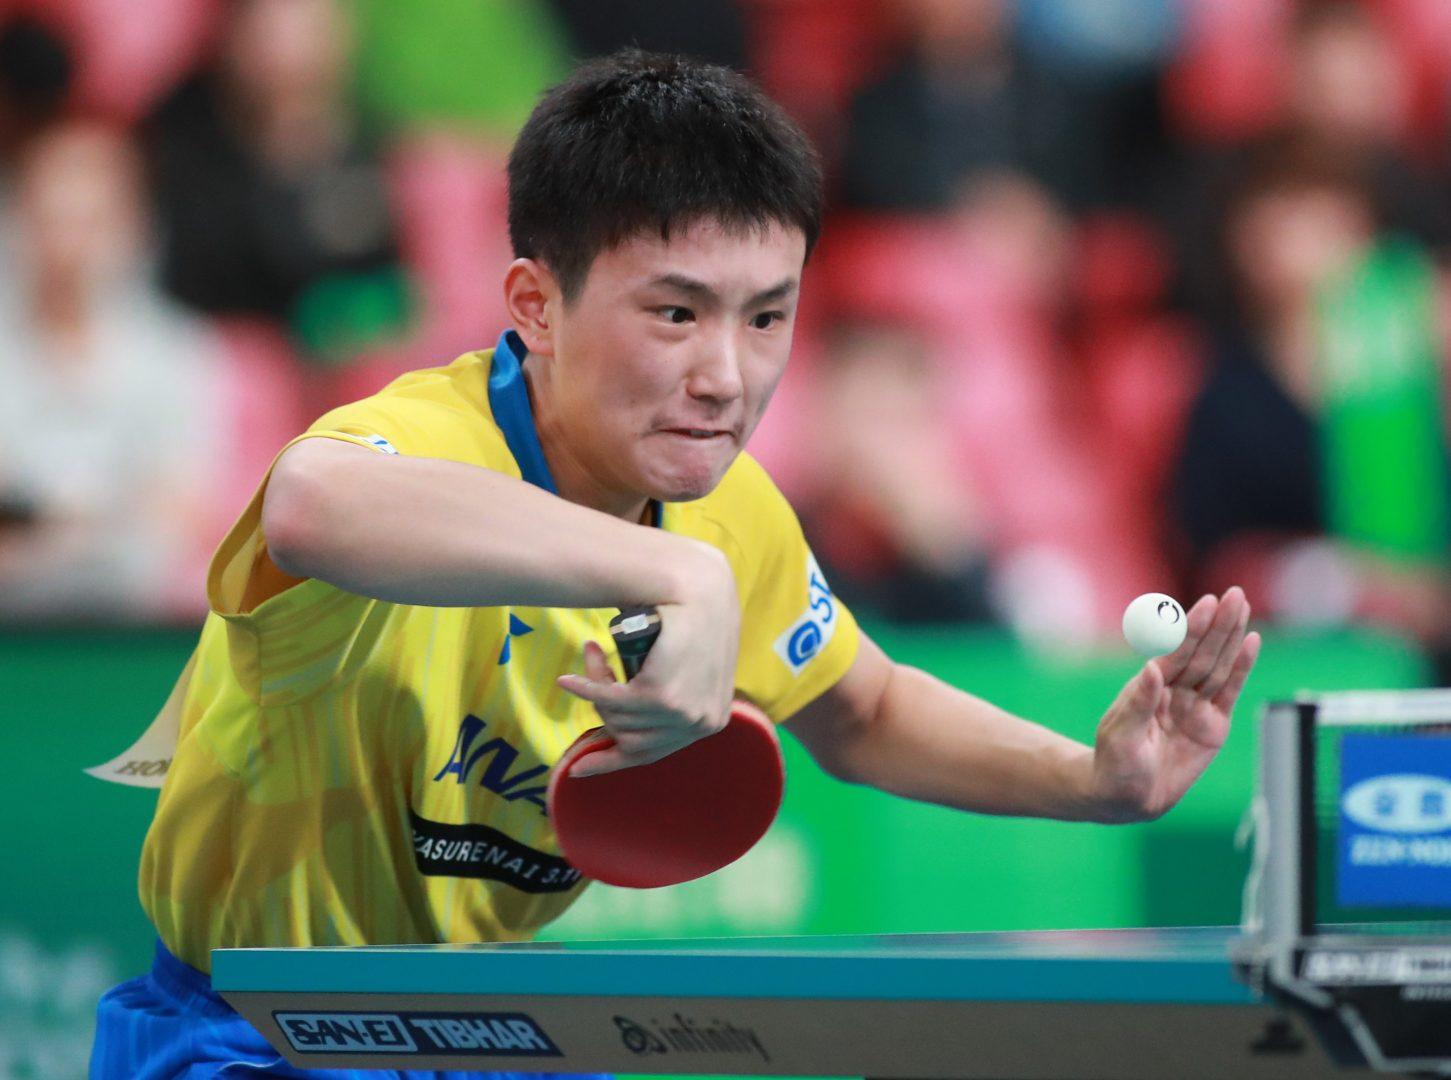 張本智和、今シーズンツアー2勝目なるか<卓球・オーストリアオープン シングルス見どころ>